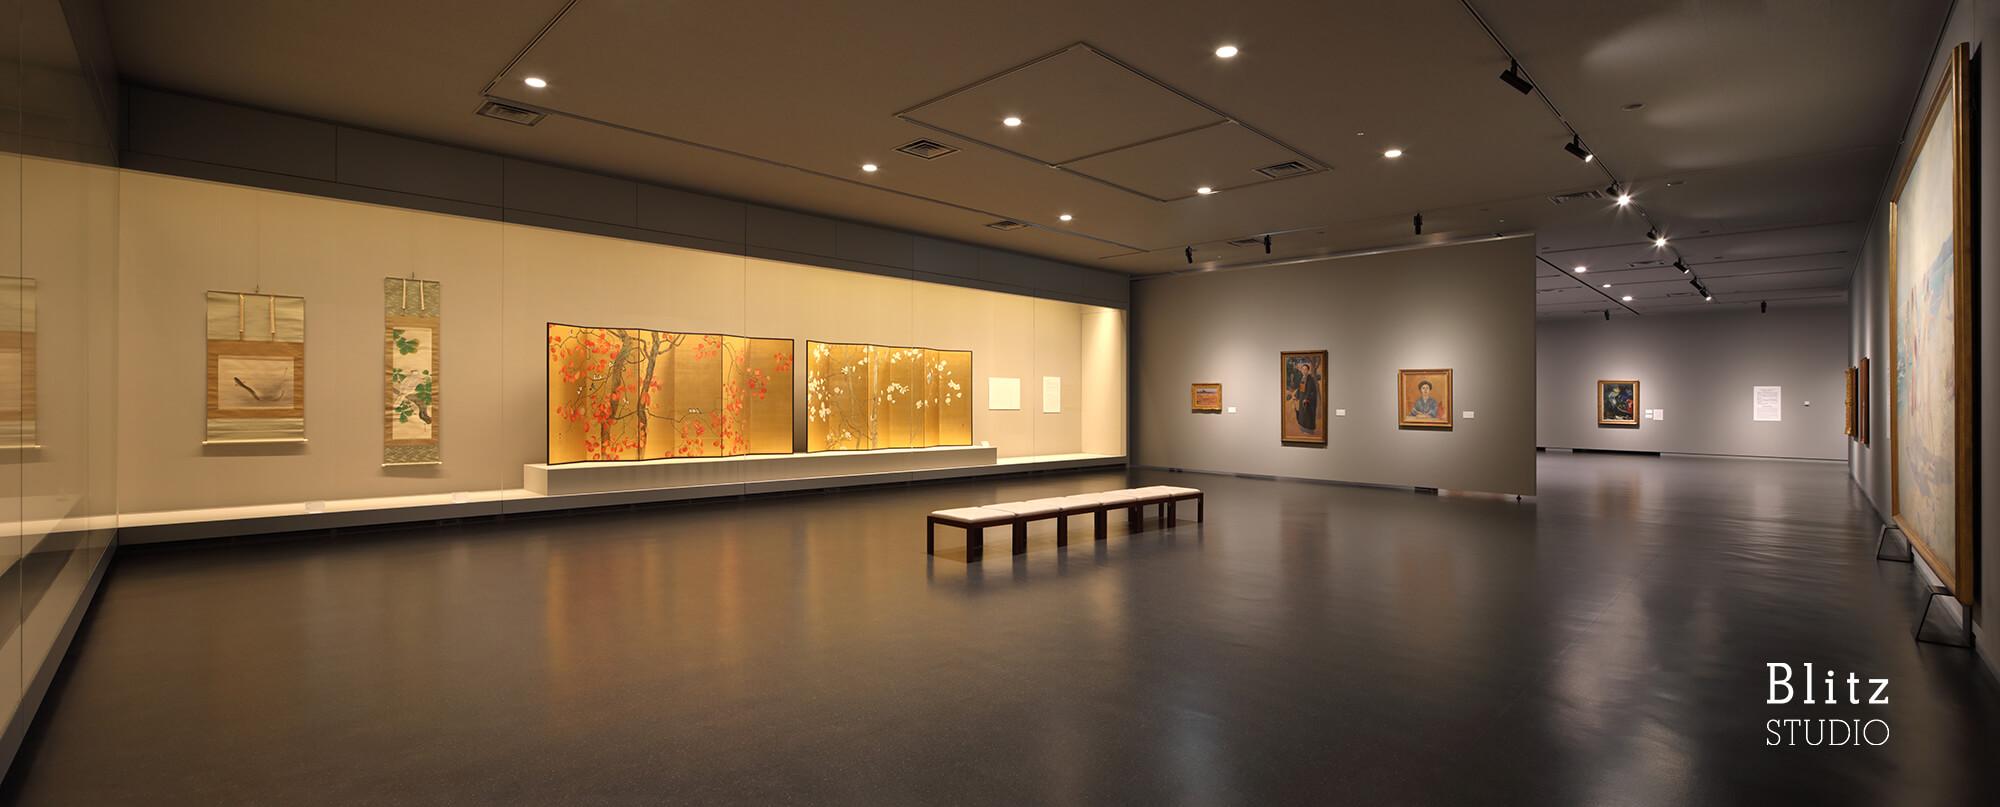 『福岡市美術館リニューアル』建築写真・竣工写真・インテリア写真10